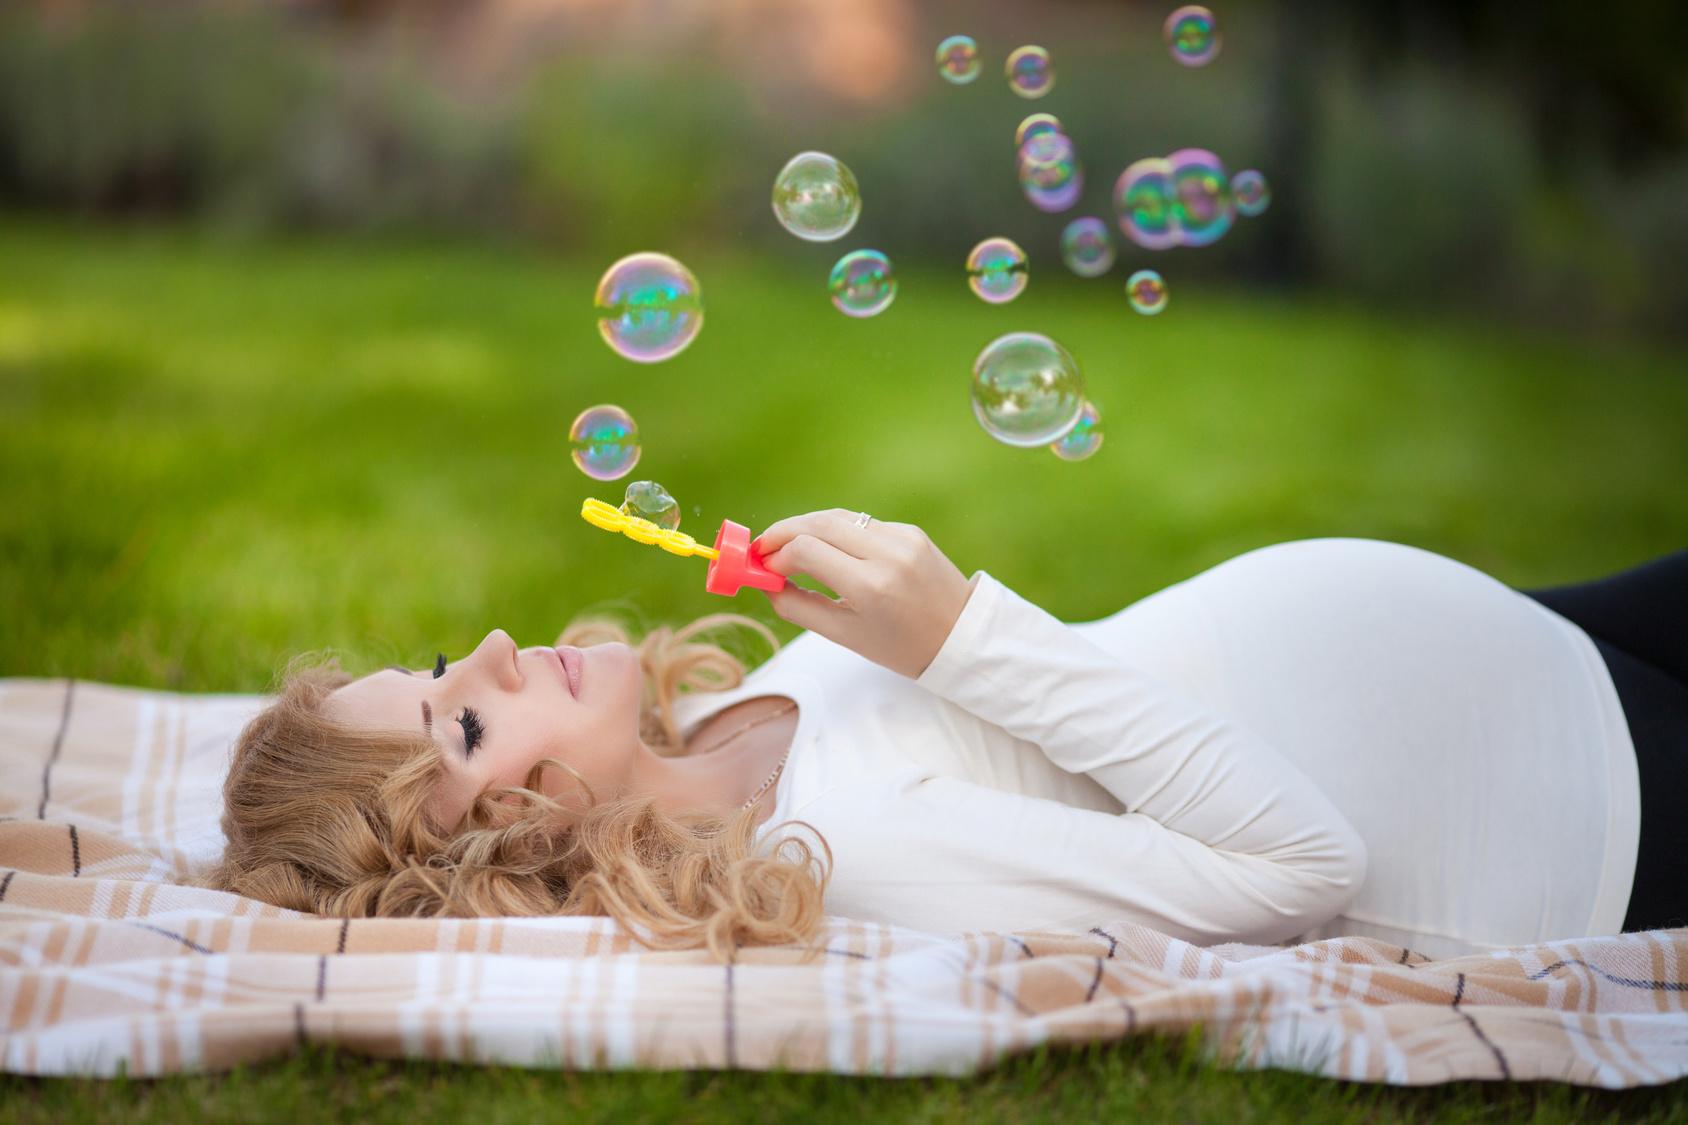 жизнь фотосессия с мыльными пузырями идеи дробью стрелять зайца